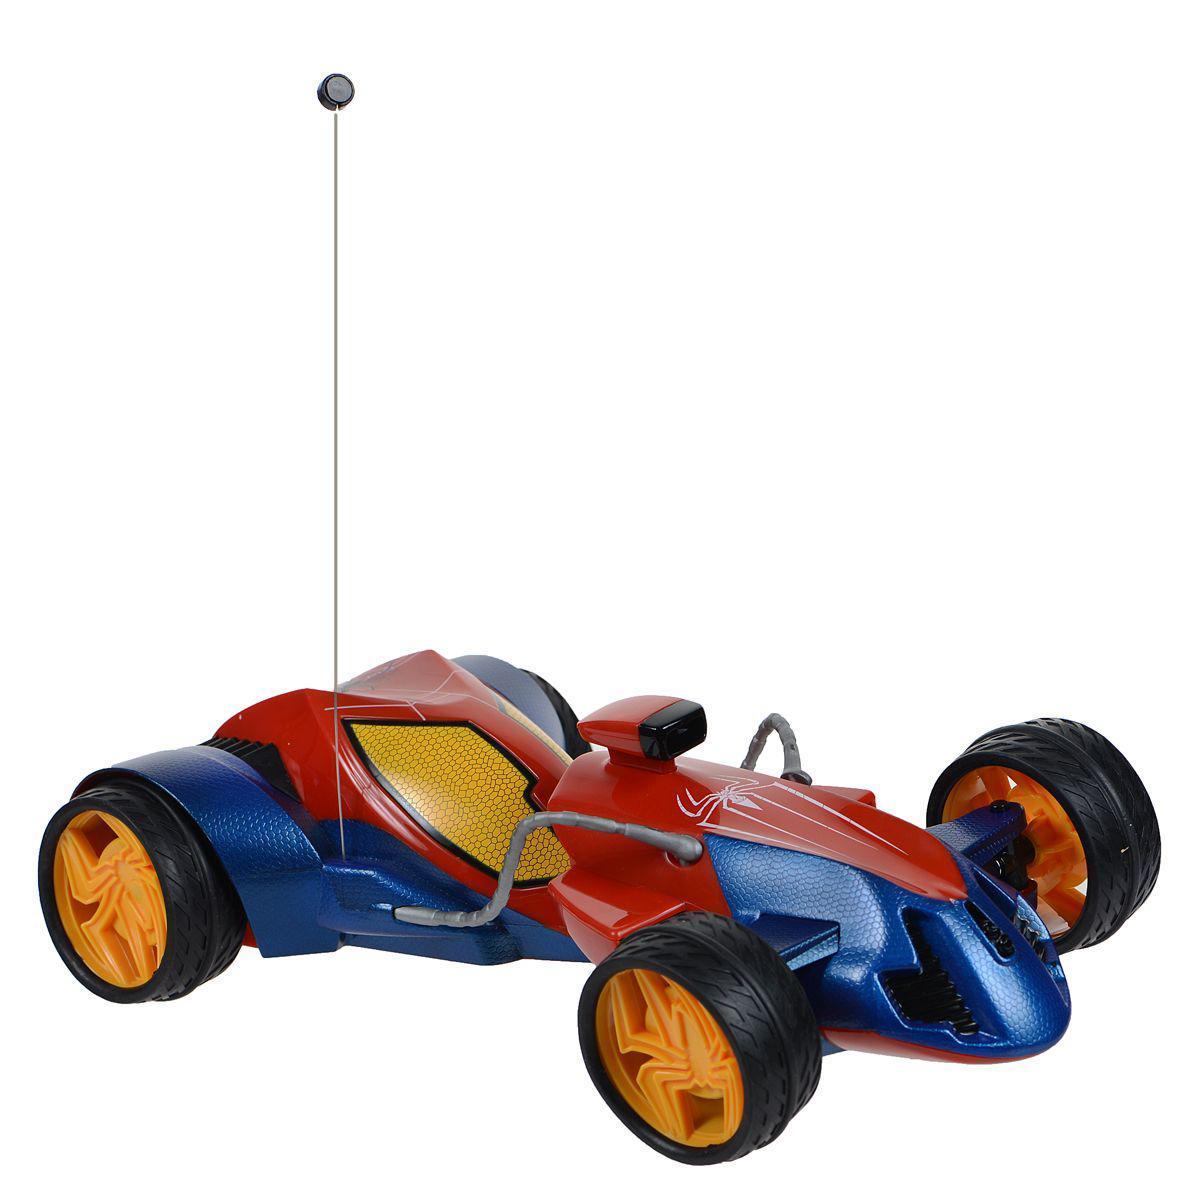 """Настало время для умопомрачительных высокоскоростных гонок, и машинка на радиоуправлении Majorette """"The Amazing Spider-Man"""" идеально подходит для этого! С мощной машиной ваш малыш будет победителем в любой заезде со своими друзьями, а двухканальный пульт дистанционного управления позволит играть малышу сразу с двумя одинаковыми наборами. Задние колеса машины могут поворачиваться на 45°, делая поездку не только быстрой, но и маневренной. Машинка имеет обтекаемый пластиковый корпус и символику Человека-паука. Пульт выполнен в полукруглой эргономичной форме и снабжен жесткими держателями с двумя синими клавишами. Пульт управления работает на частоте 27 MHz. Для работы игрушки необходимы 5 батареек типа АА (товар комплектуется демонстрационными). Для работы пульта управления необходима 1 батарейка типа """"Крона"""" (товар комплектуется демонстрационной)."""